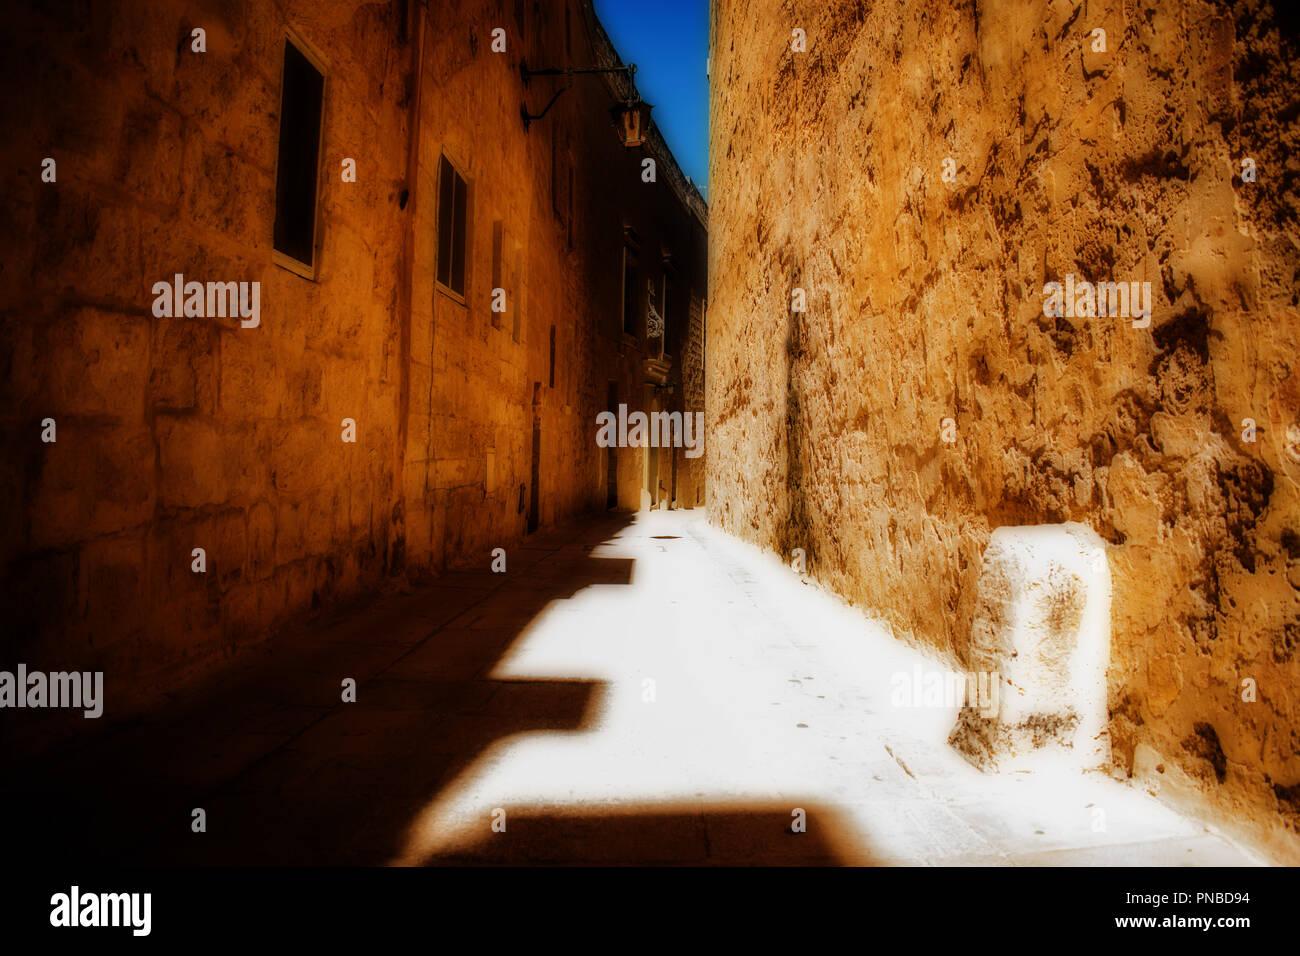 Un tipico e storico strada stretta in Mdina, Malta sotto un caldo sole ardente. Immagini Stock